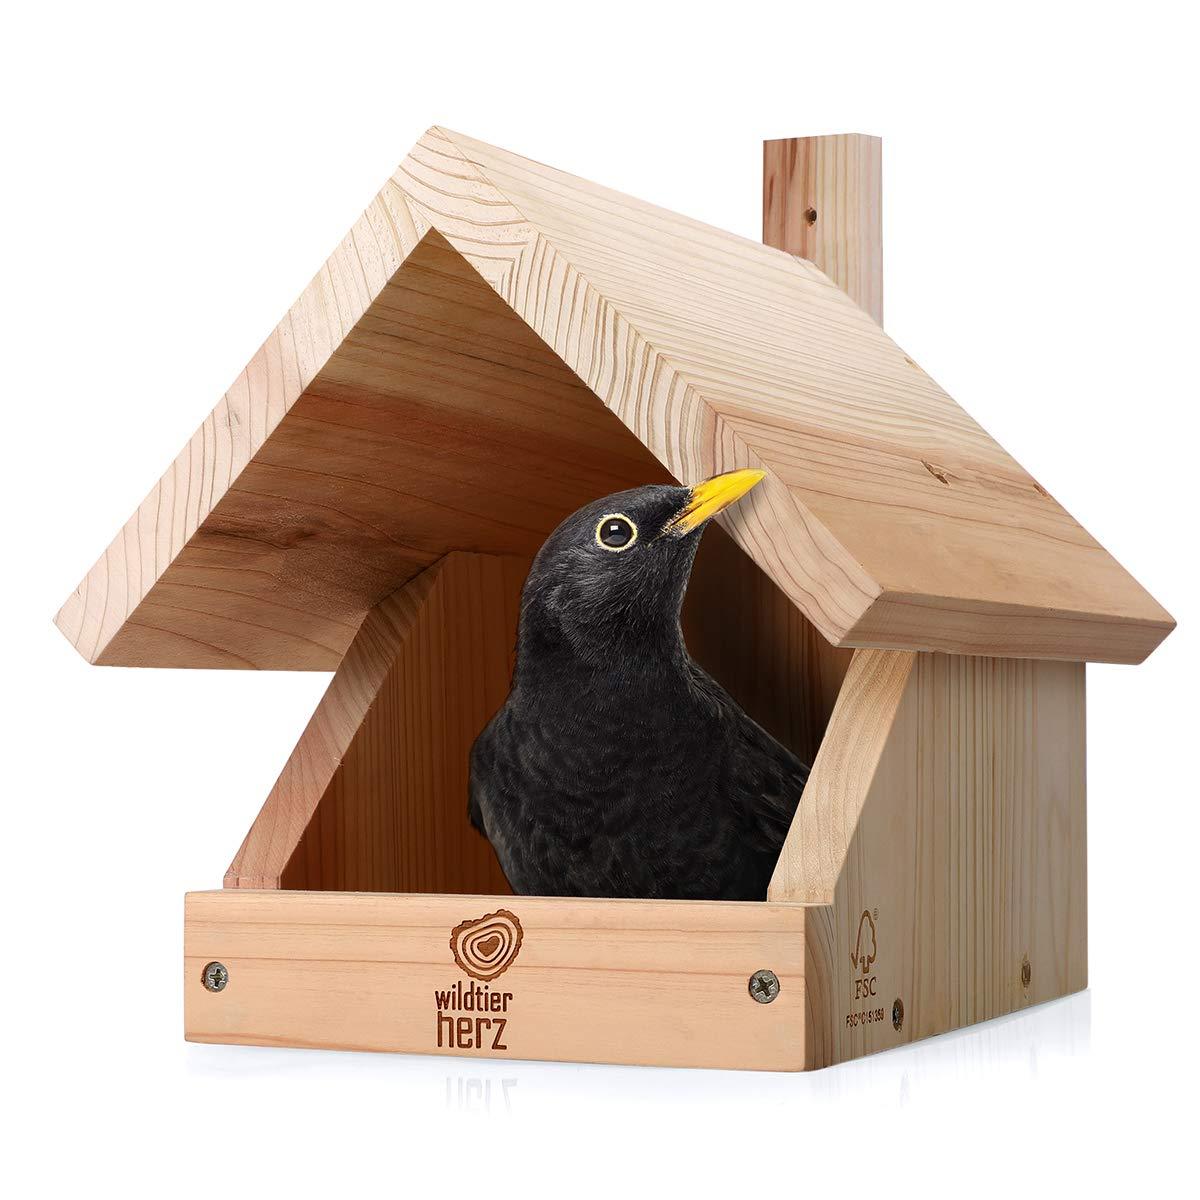 corazón Animal Salvaje | Nido para Mirlo - Resistente a la Intemperie y Sin Tratamiento, Caja Nido de Madera, Casa de Pájaros para Criadores de Media Cueva: Amazon.es: Productos para mascotas